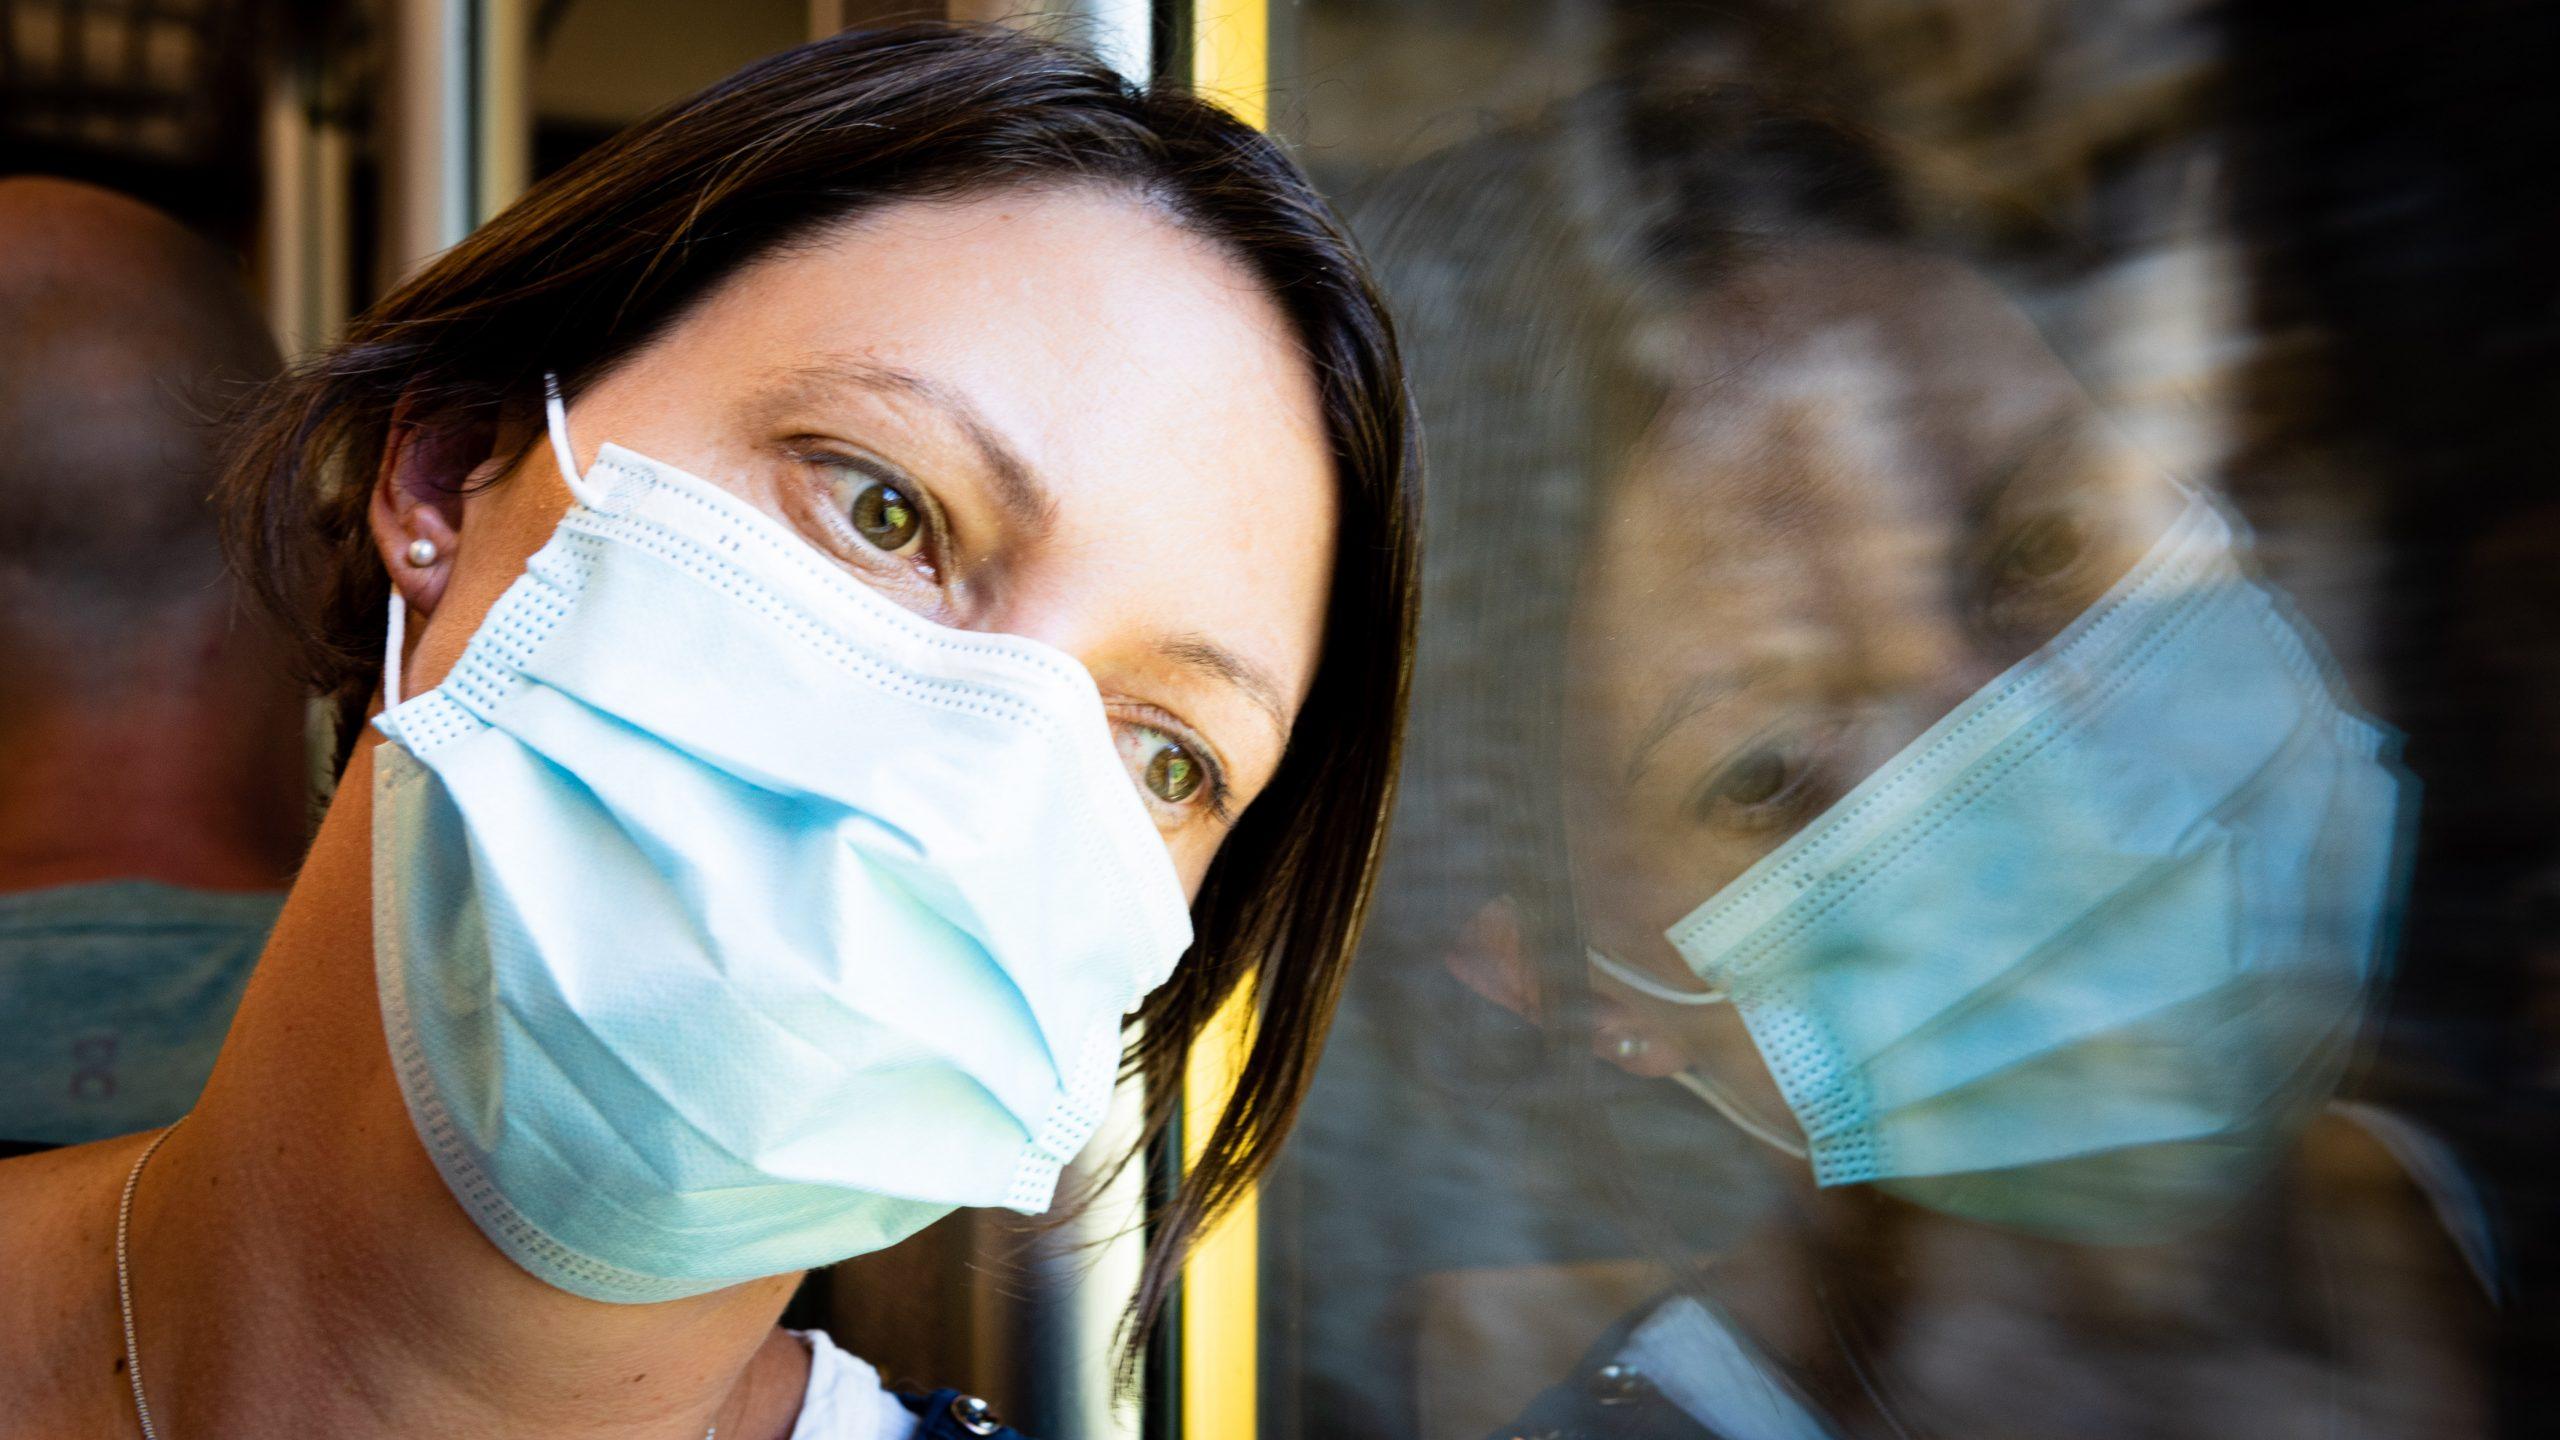 Prečo dobrý Boh dopustil pandémiu?